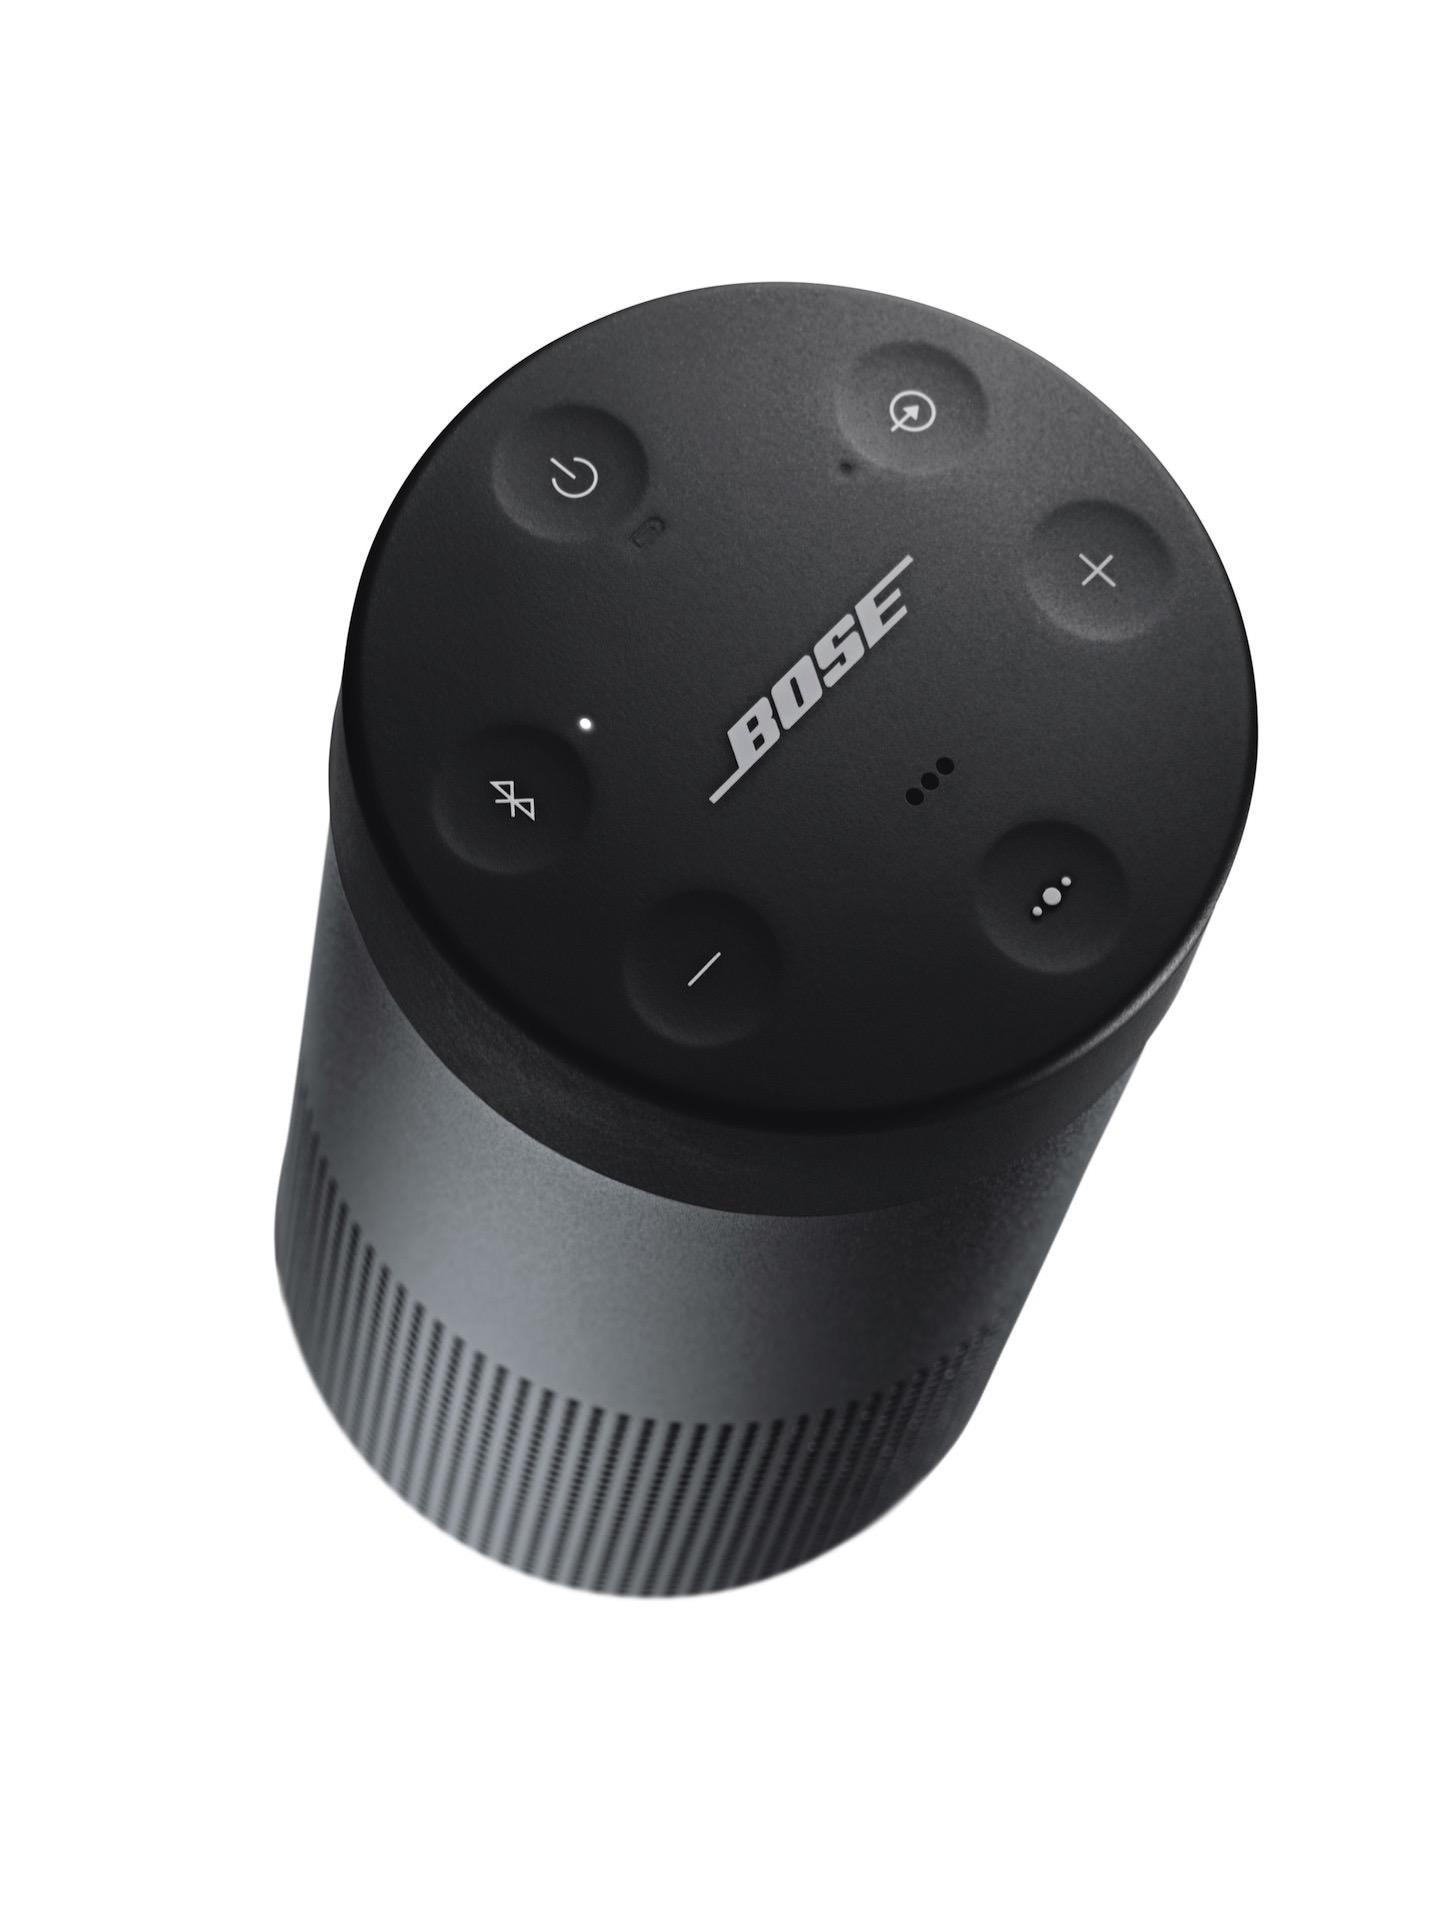 SoundLink Revolve Bluetooth Speaker Triple Black top